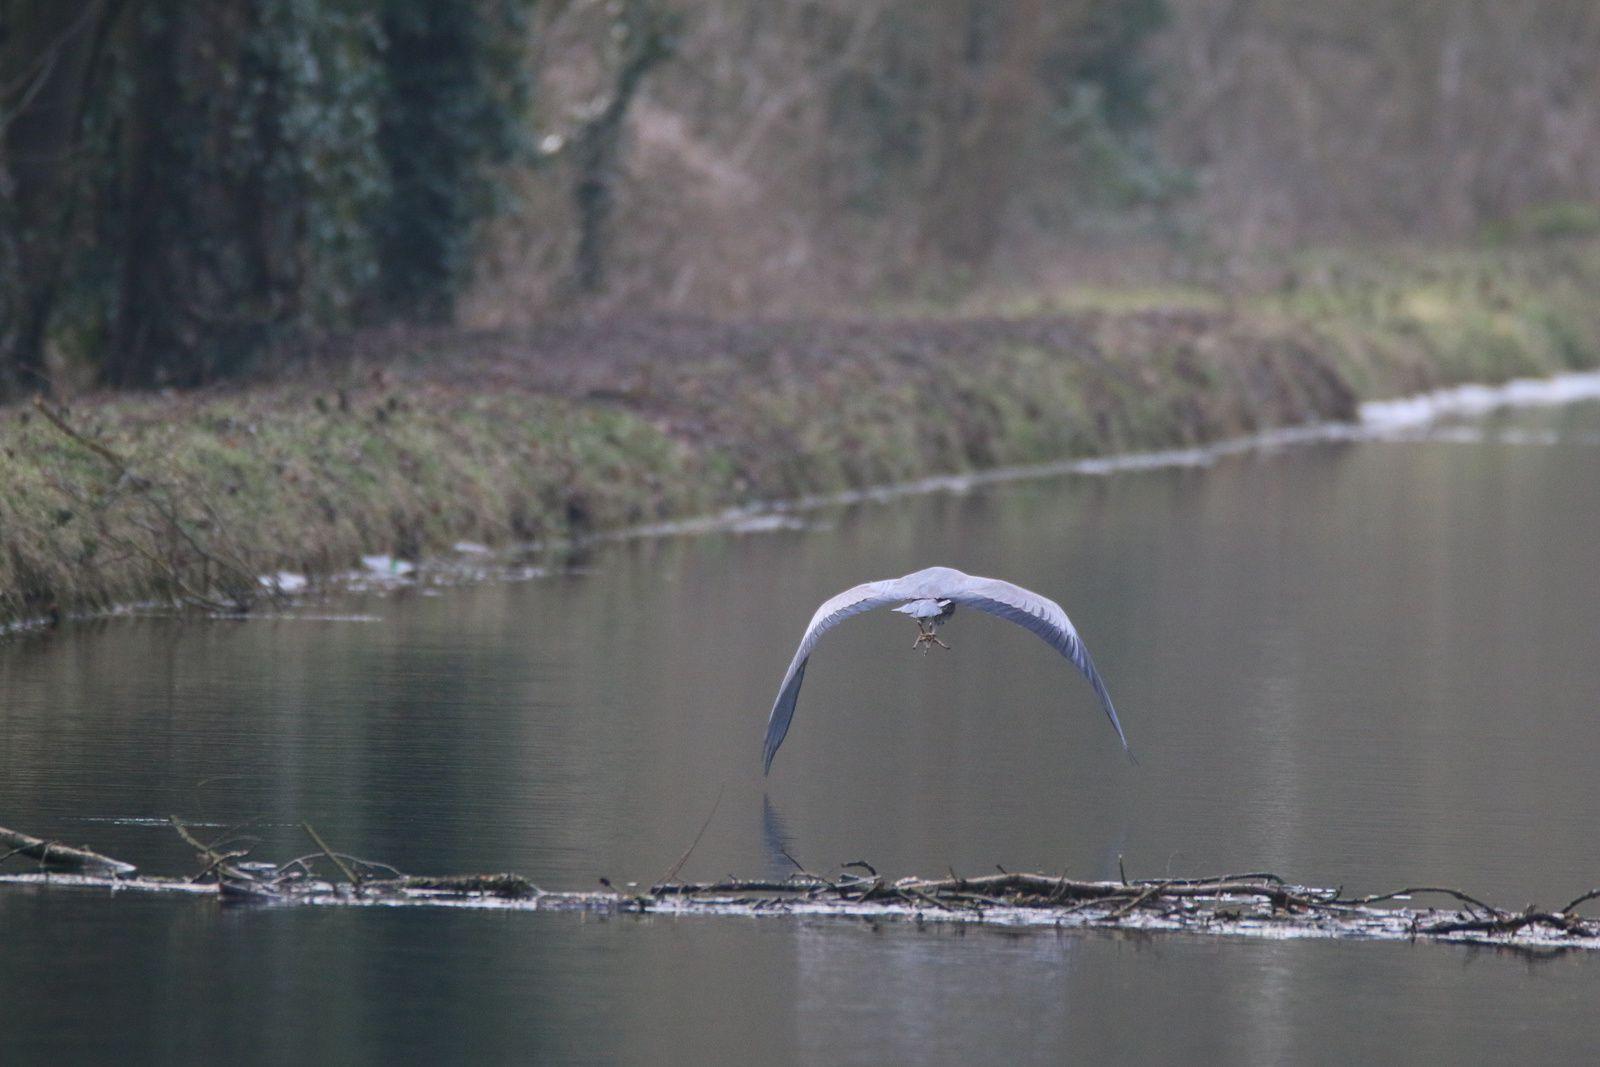 Leurs larges ailes les emportent en un vol lent et majestueux au fur et à mesure de notre progression..